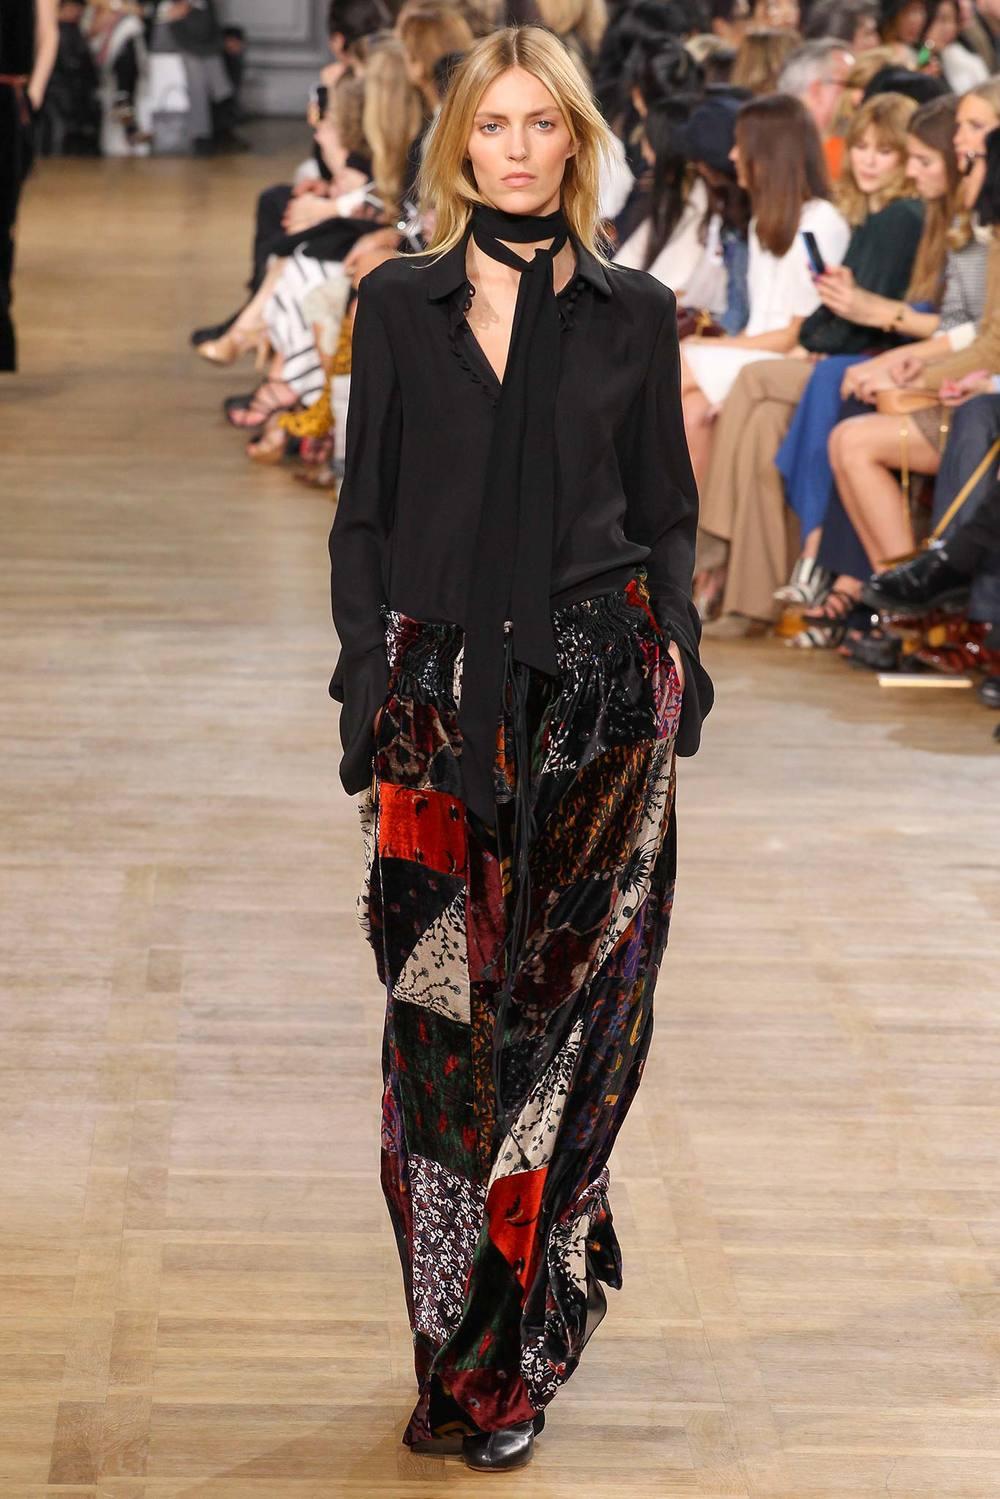 Блузка и длинная юбка в стиле бохо в коллекции Chloe